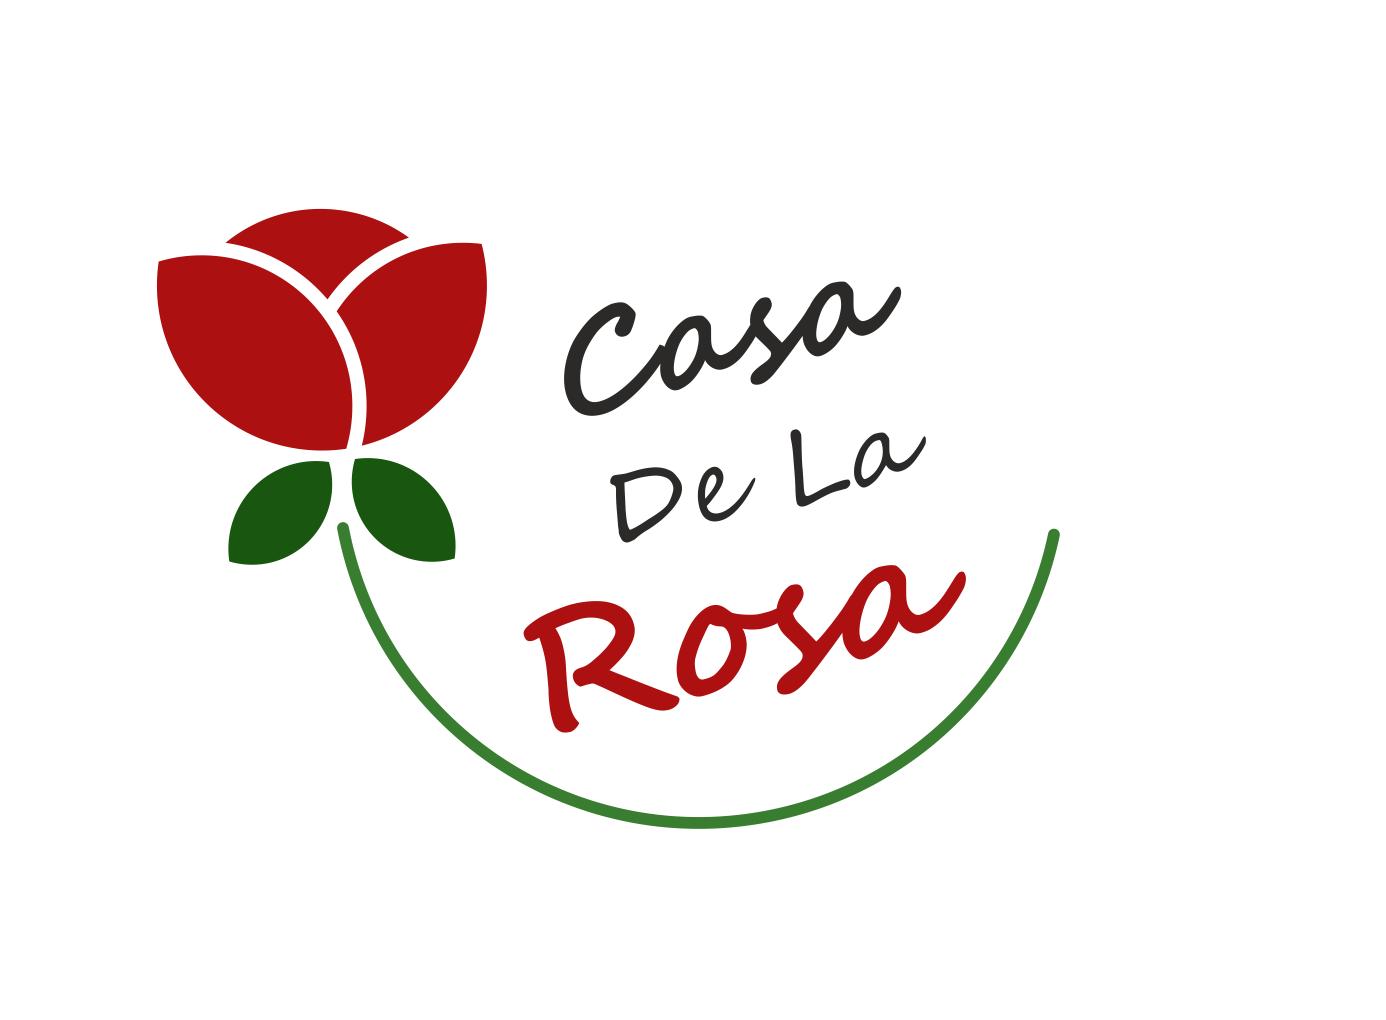 Логотип + Фирменный знак для элитного поселка Casa De La Rosa фото f_6815cd542980f2a9.png